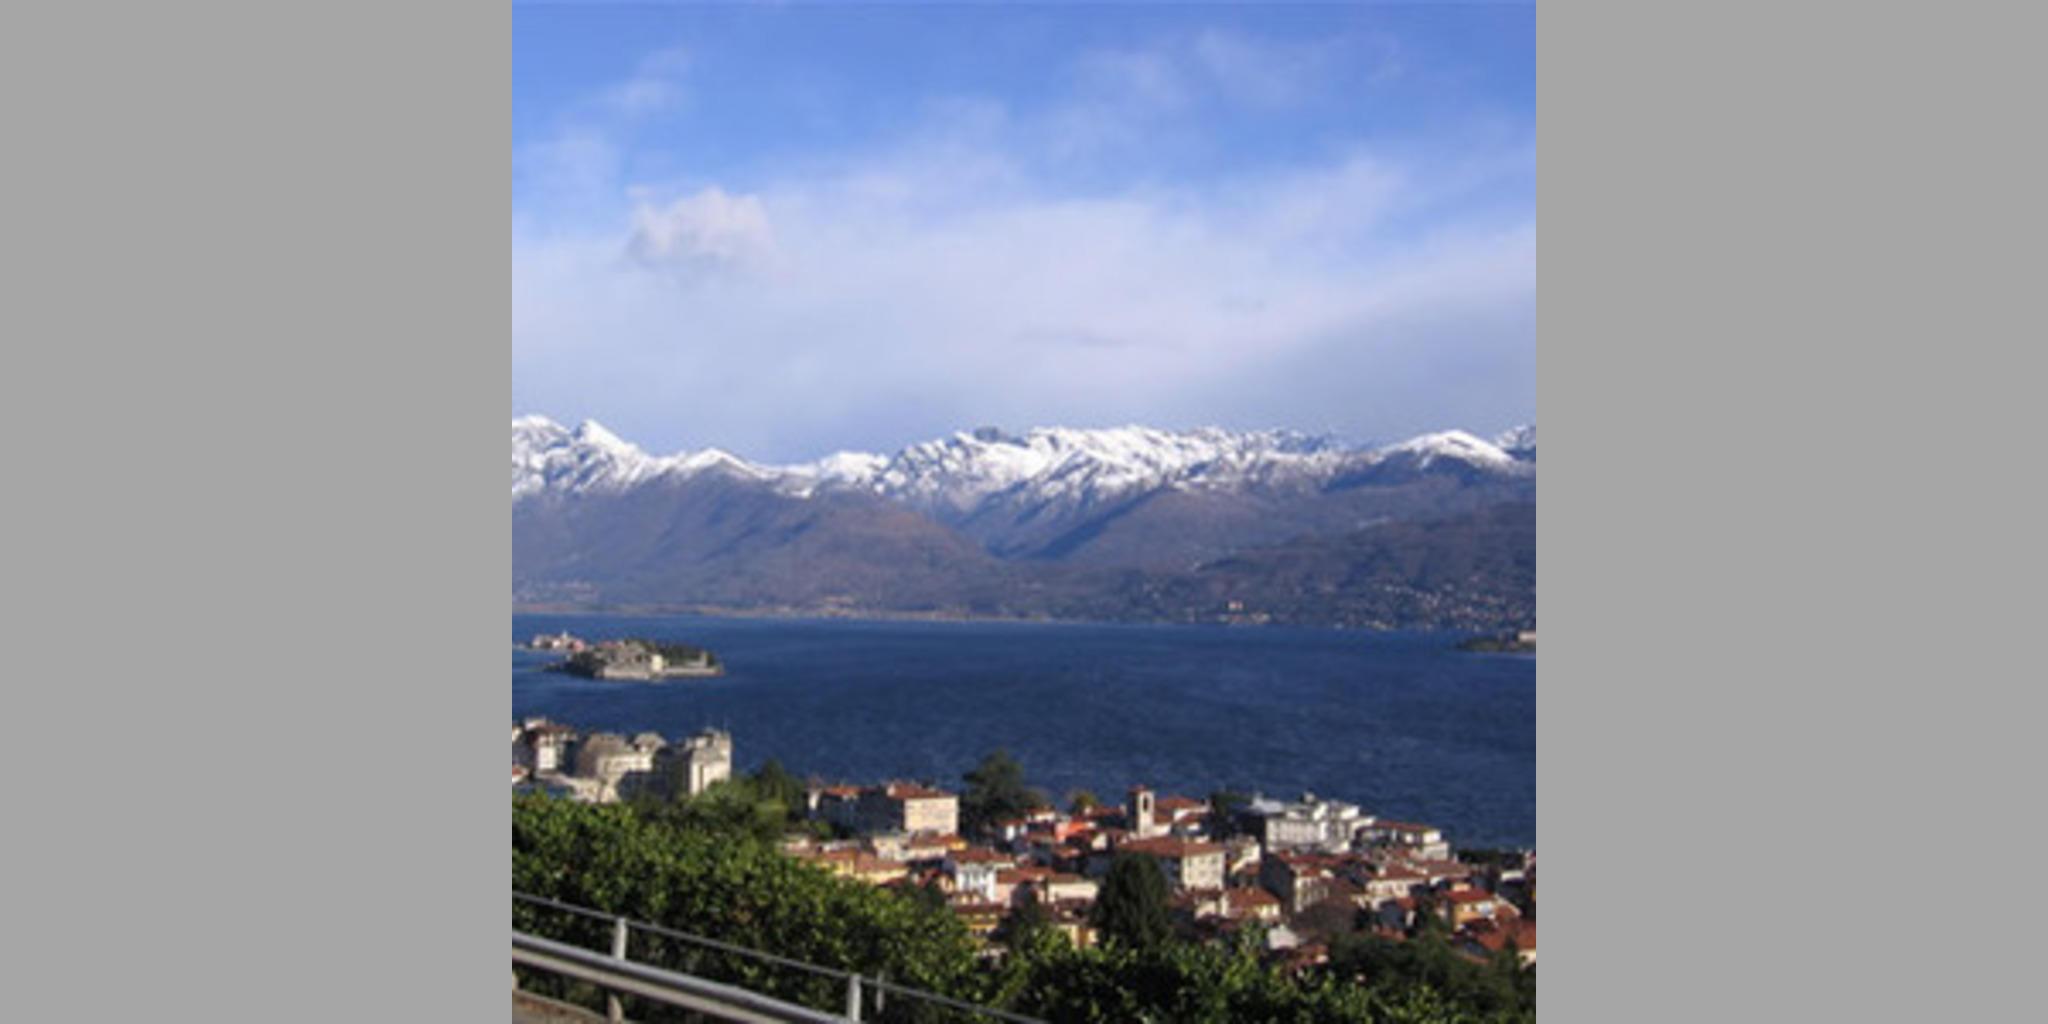 Bed & Breakfast Stresa - Stresa_Lago Maggiore